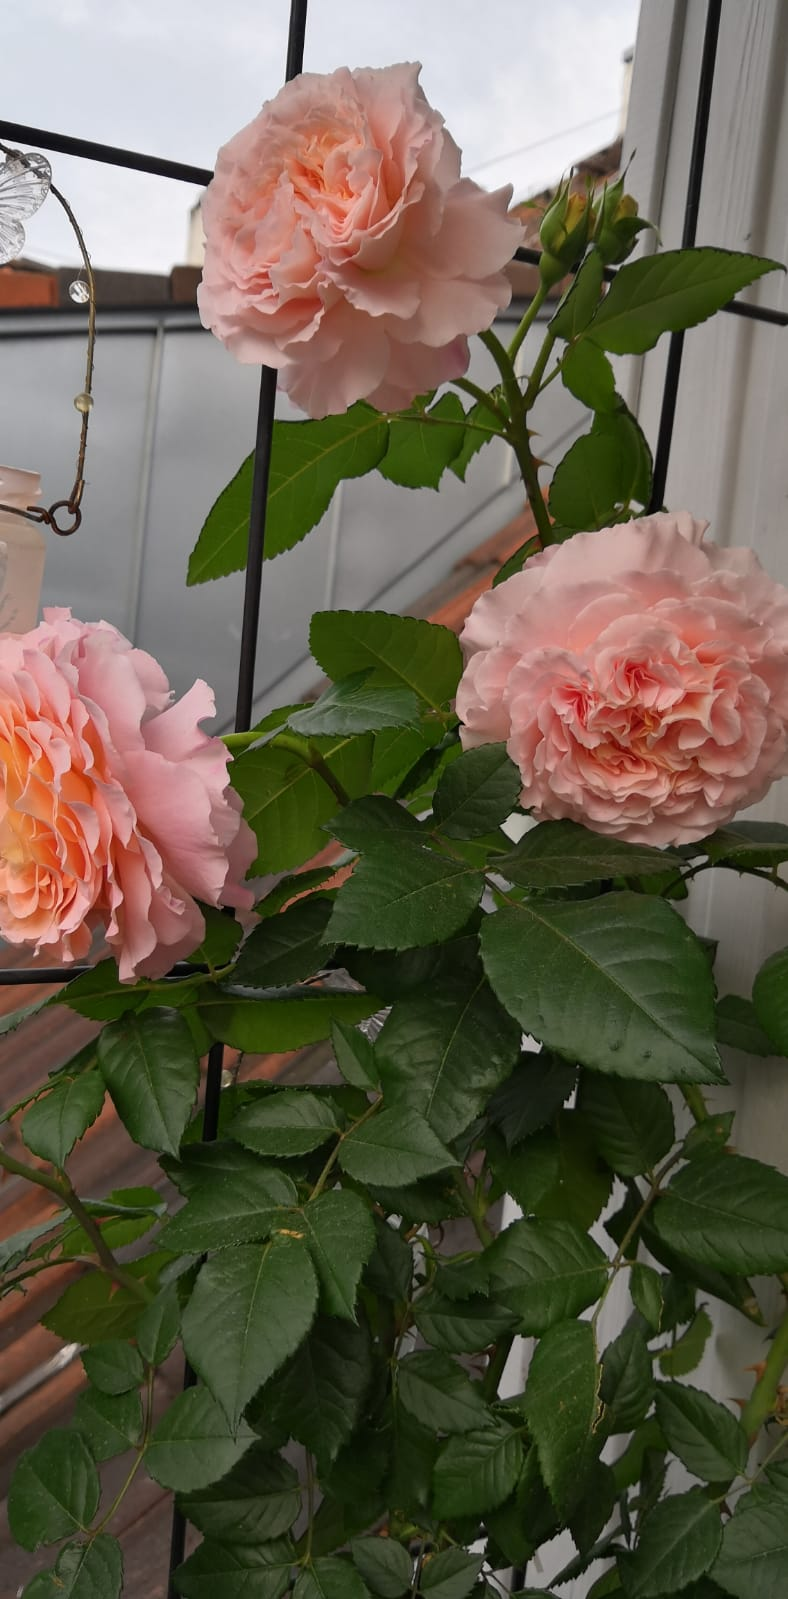 Balkónové radosti 🌹 - Úspešne prezimovana v pivnici a už krásne kvitnúca, mam z nej veľkú radosť 🤗